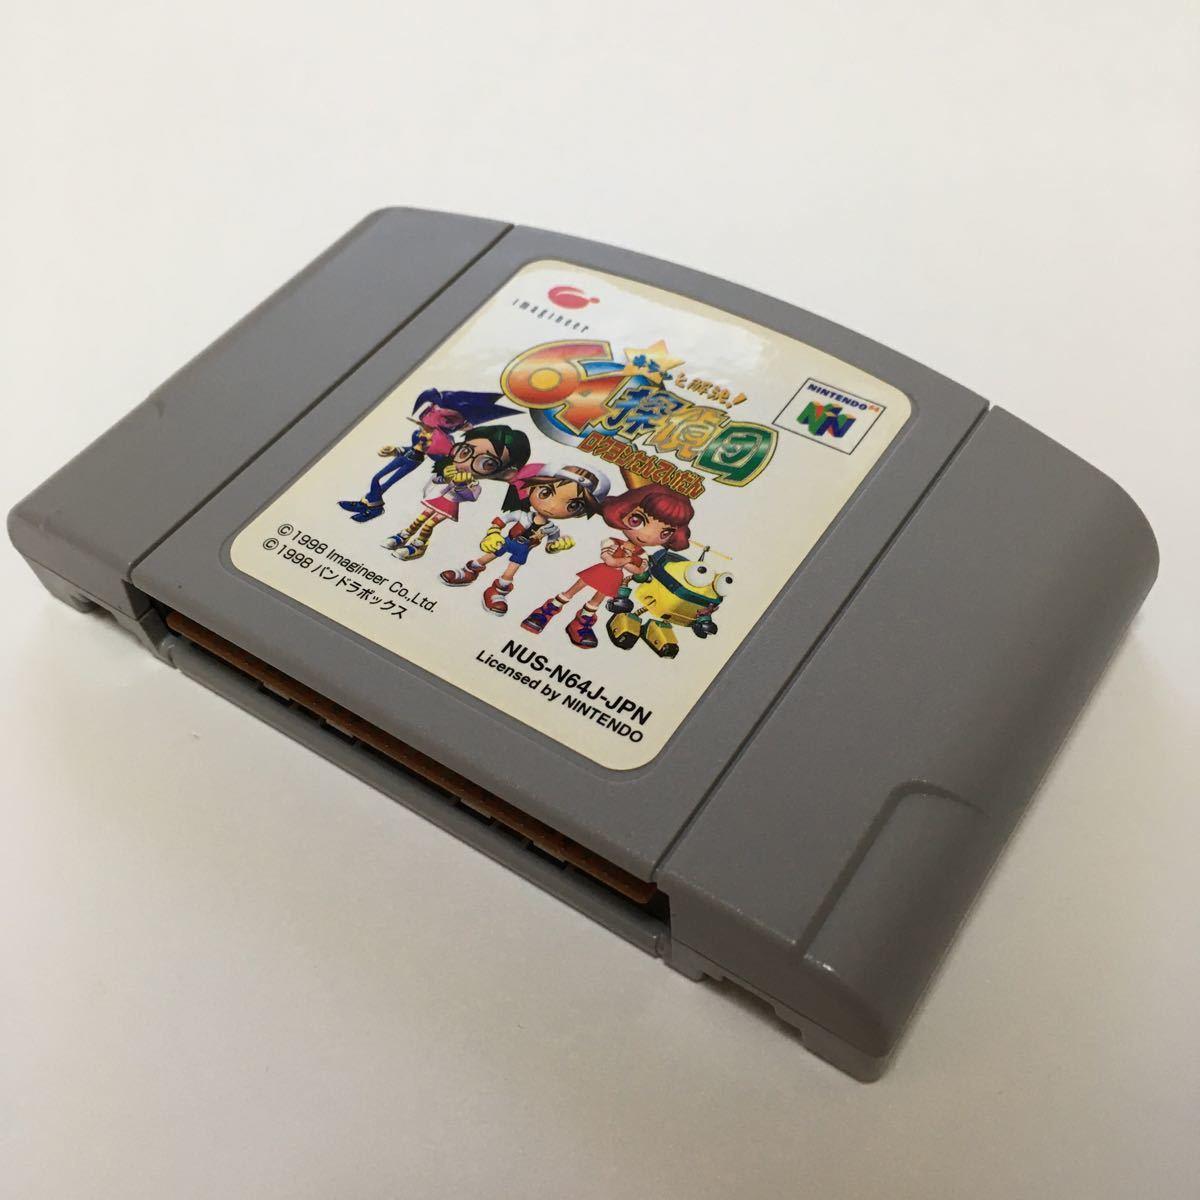 ニンテンドー64  ソフト キラッと解決! 64探偵団 ロクヨンたんていだん 動作確認済み カセット レトロ ゲーム 任天堂